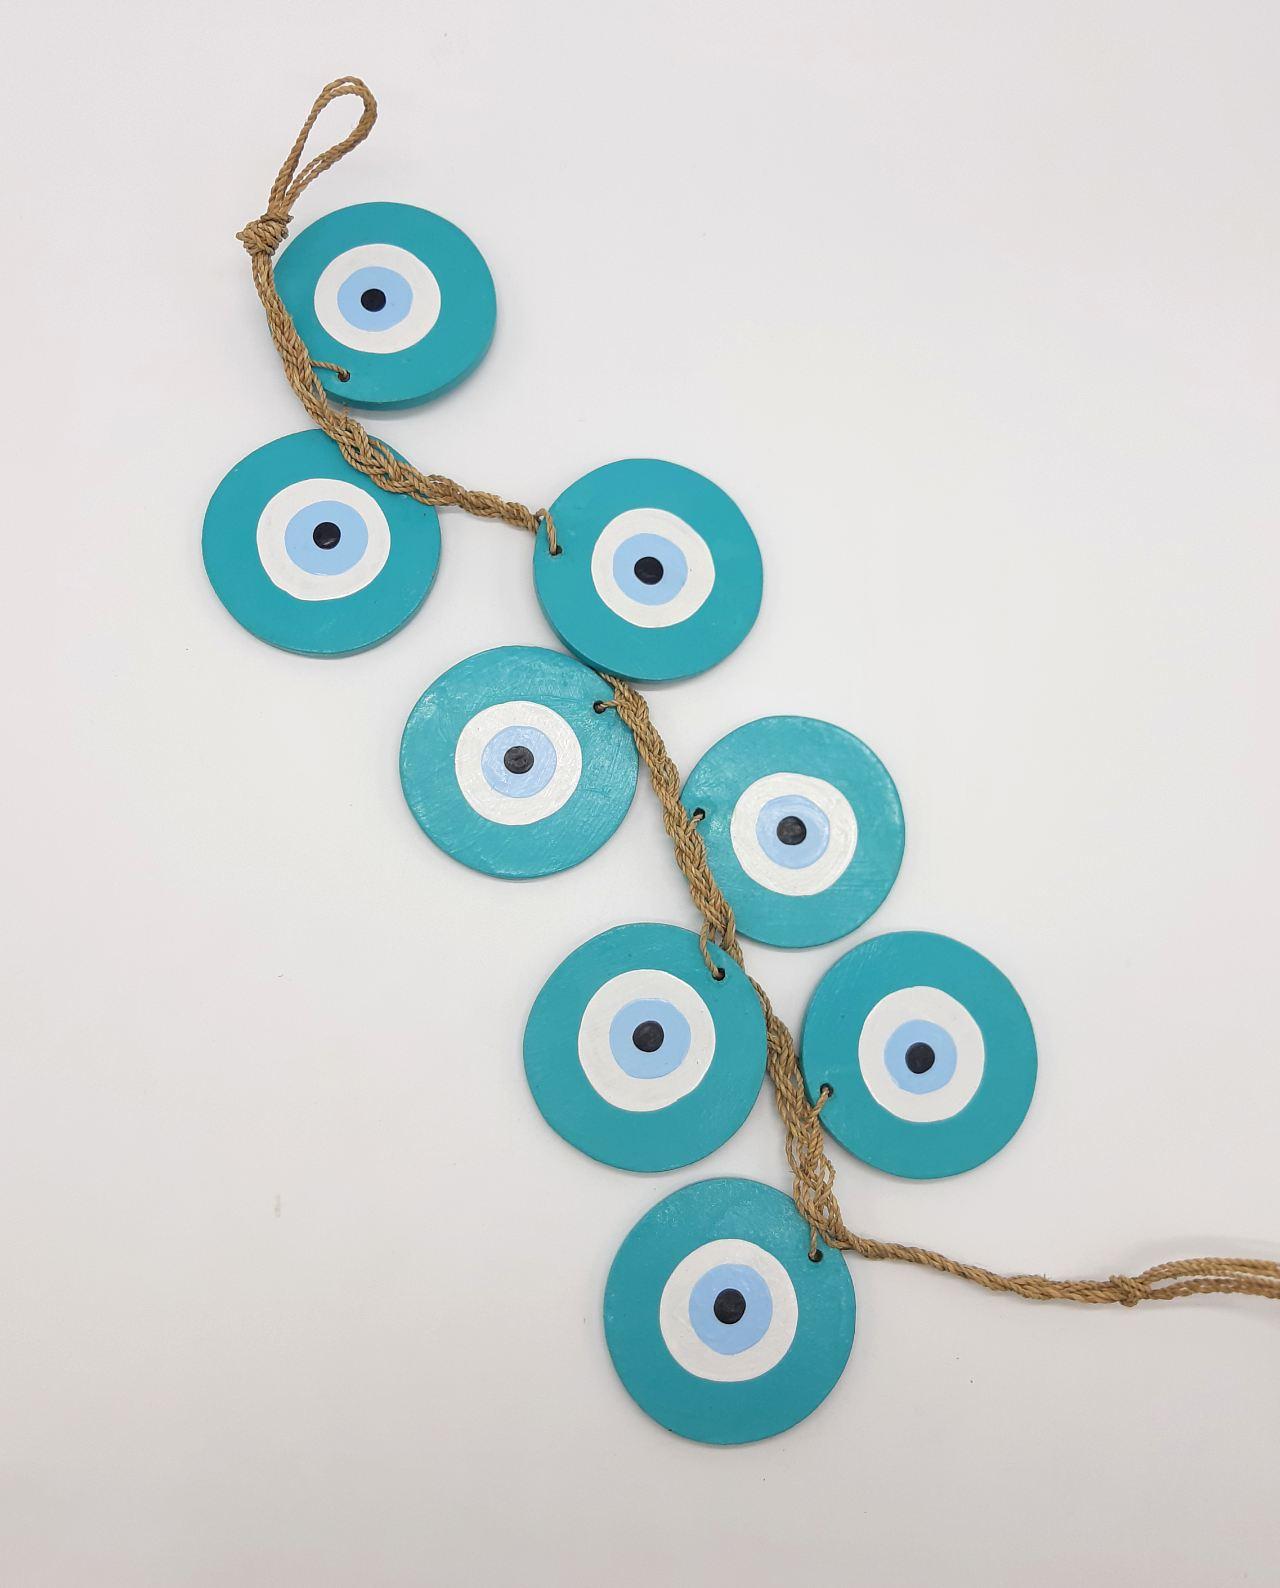 Γιρλάντα 8 Ματάκια Ξύλινα Χειροποίητα Μήκος 50 cm χρώμα πετρολ cm, color teal